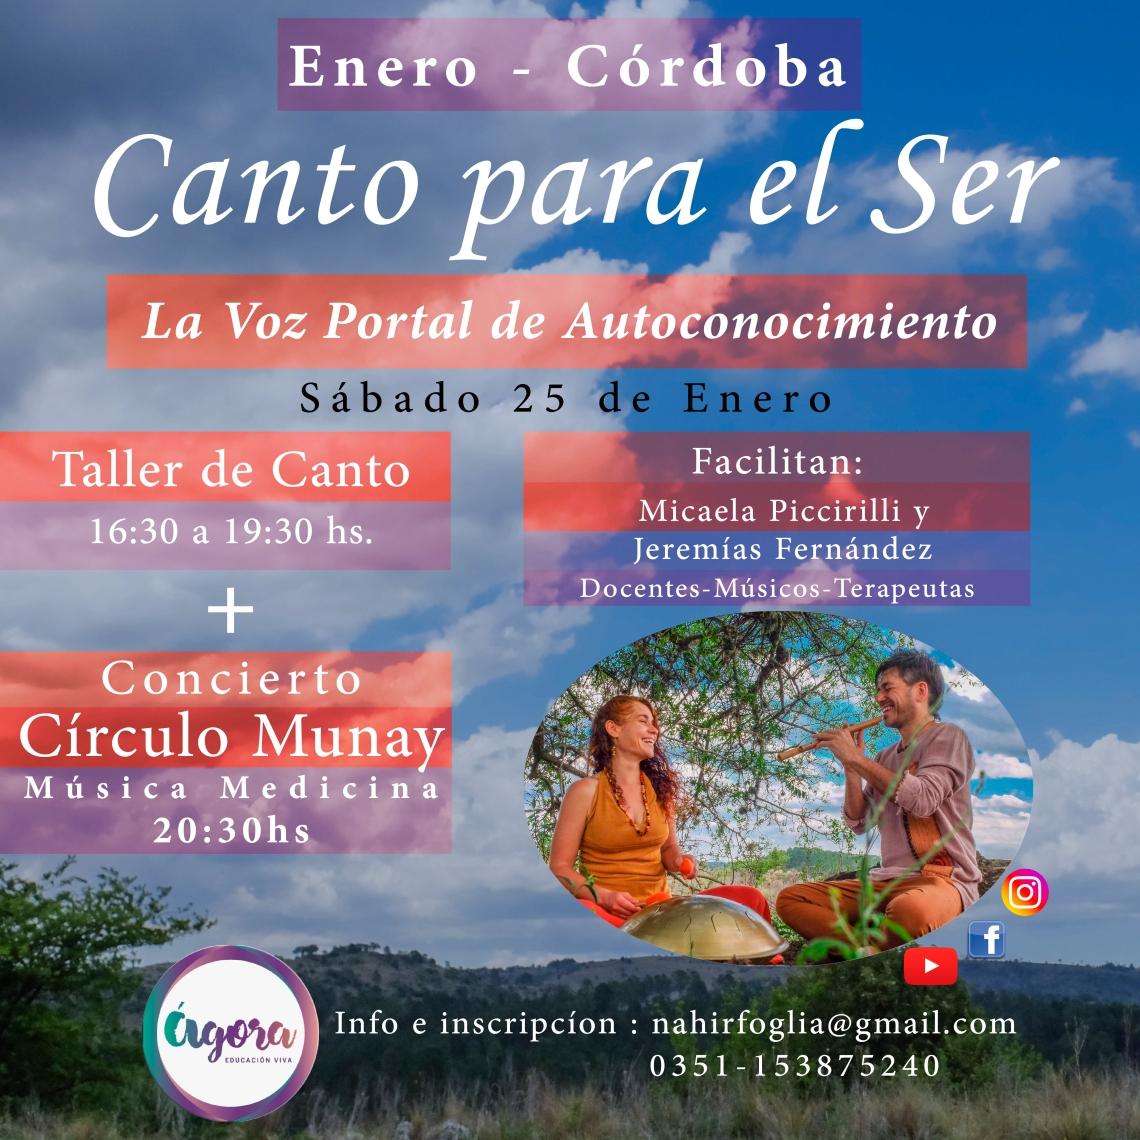 Taller de Canto + Circulo Munay enero 2020-01.jpg